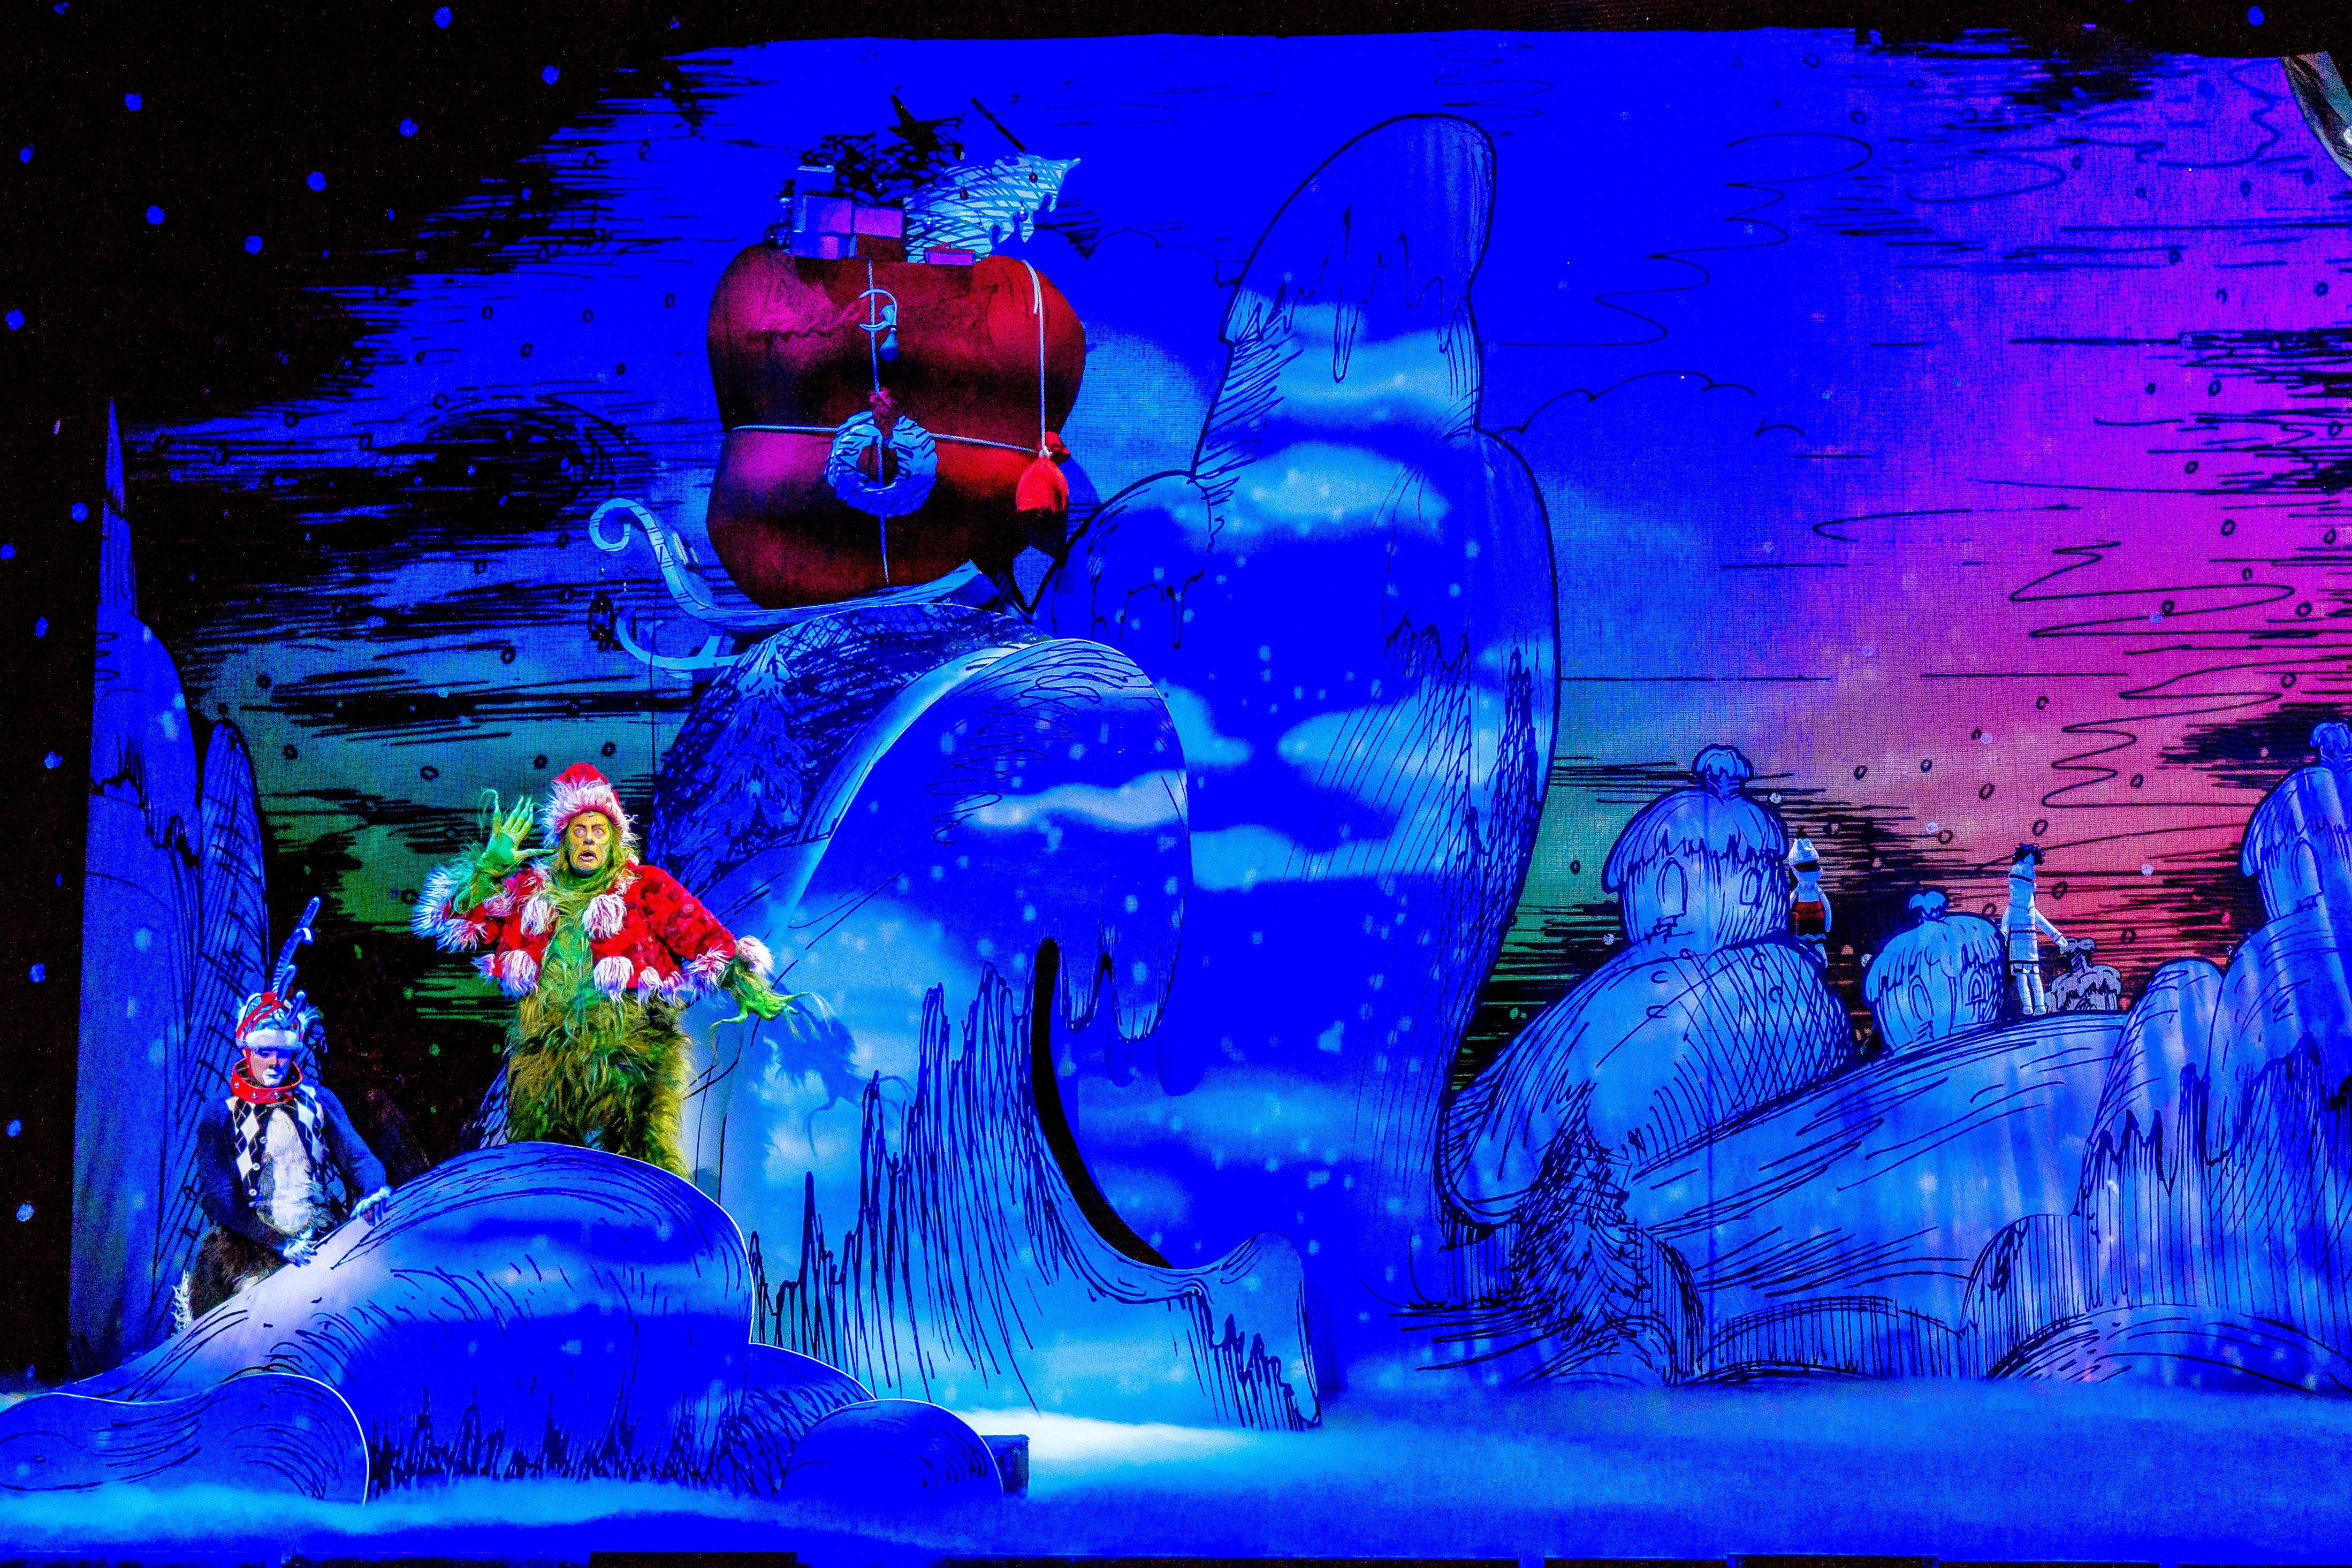 goditi un grande sconto bellissimo aspetto bellezza Theater Review: DR. SEUSS' HOW THE GRINCH STOLE CHRISTMAS ...